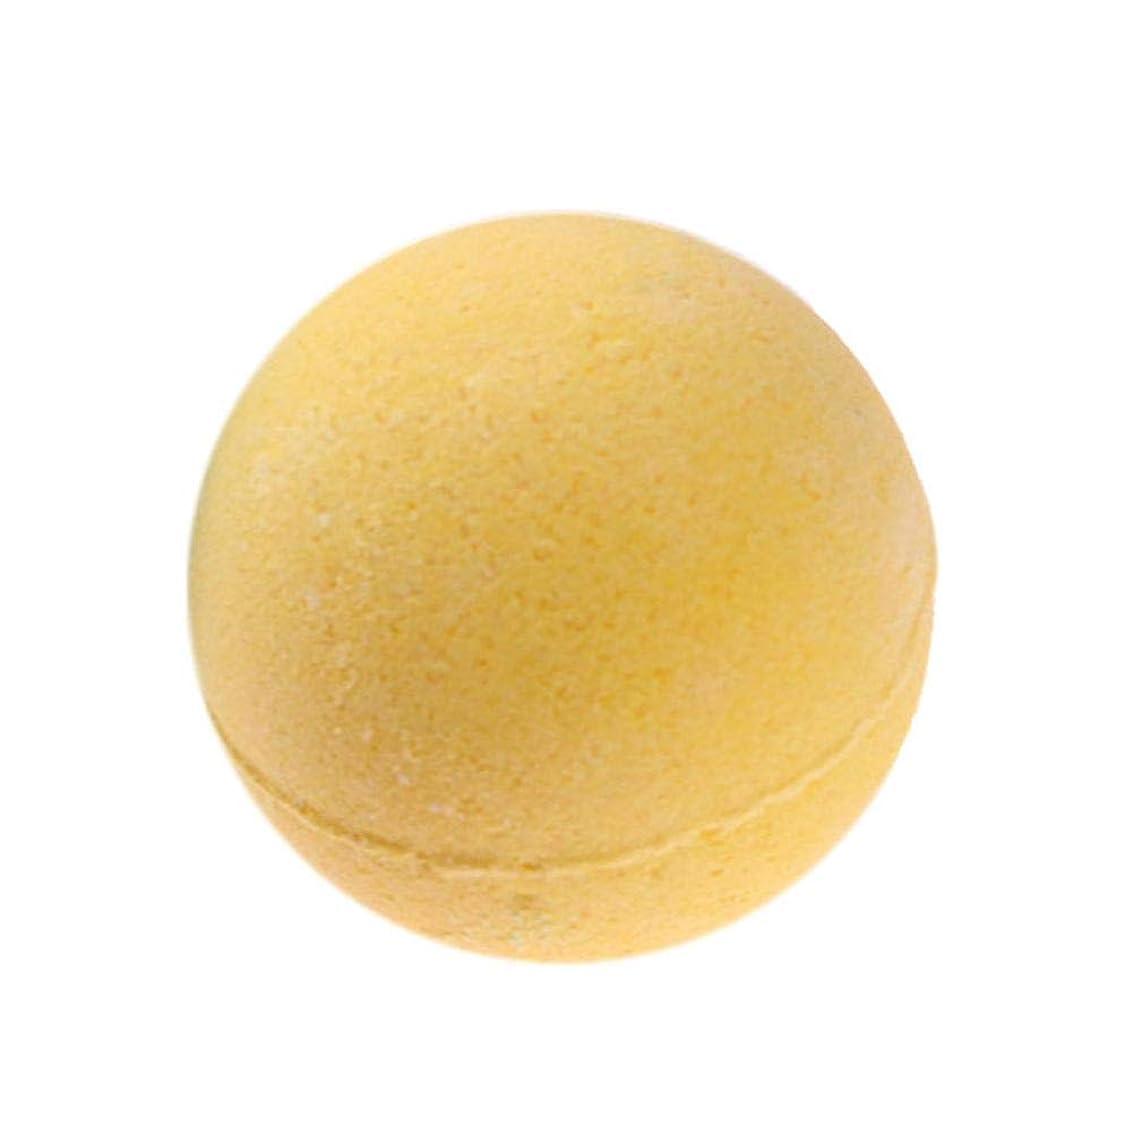 ハードリング検索エンジンマーケティング外科医バスボール ボディスキンホワイトニング バスソルト リラックス ストレスリリーフ バブルシャワー 爆弾ボール 1pc Lushandy